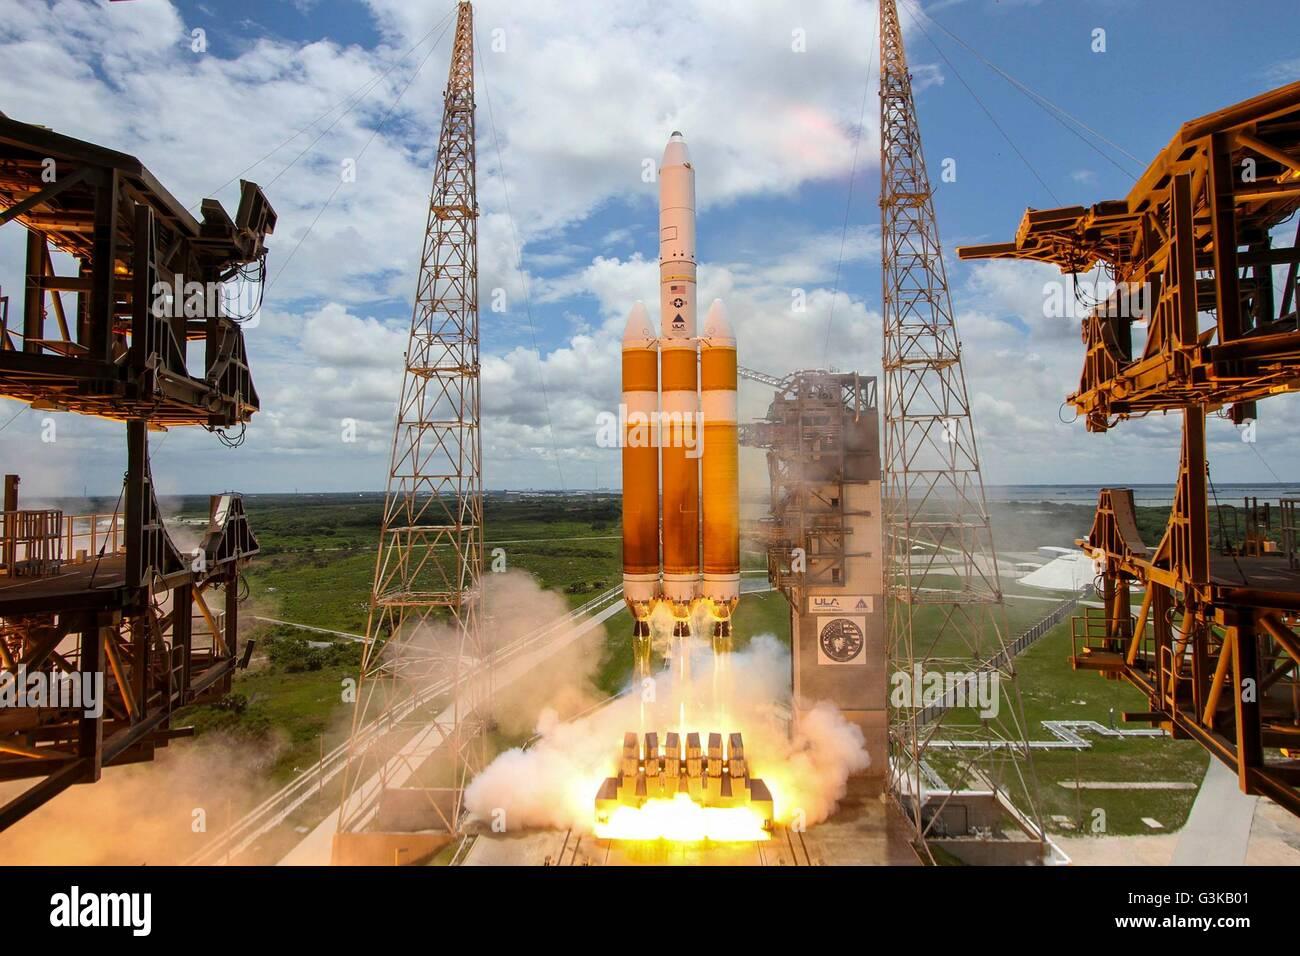 Lancement d'une Alliance des Delta IV Heavy-rocket décolle à partir de l'espace complexe de lancement Photo Stock